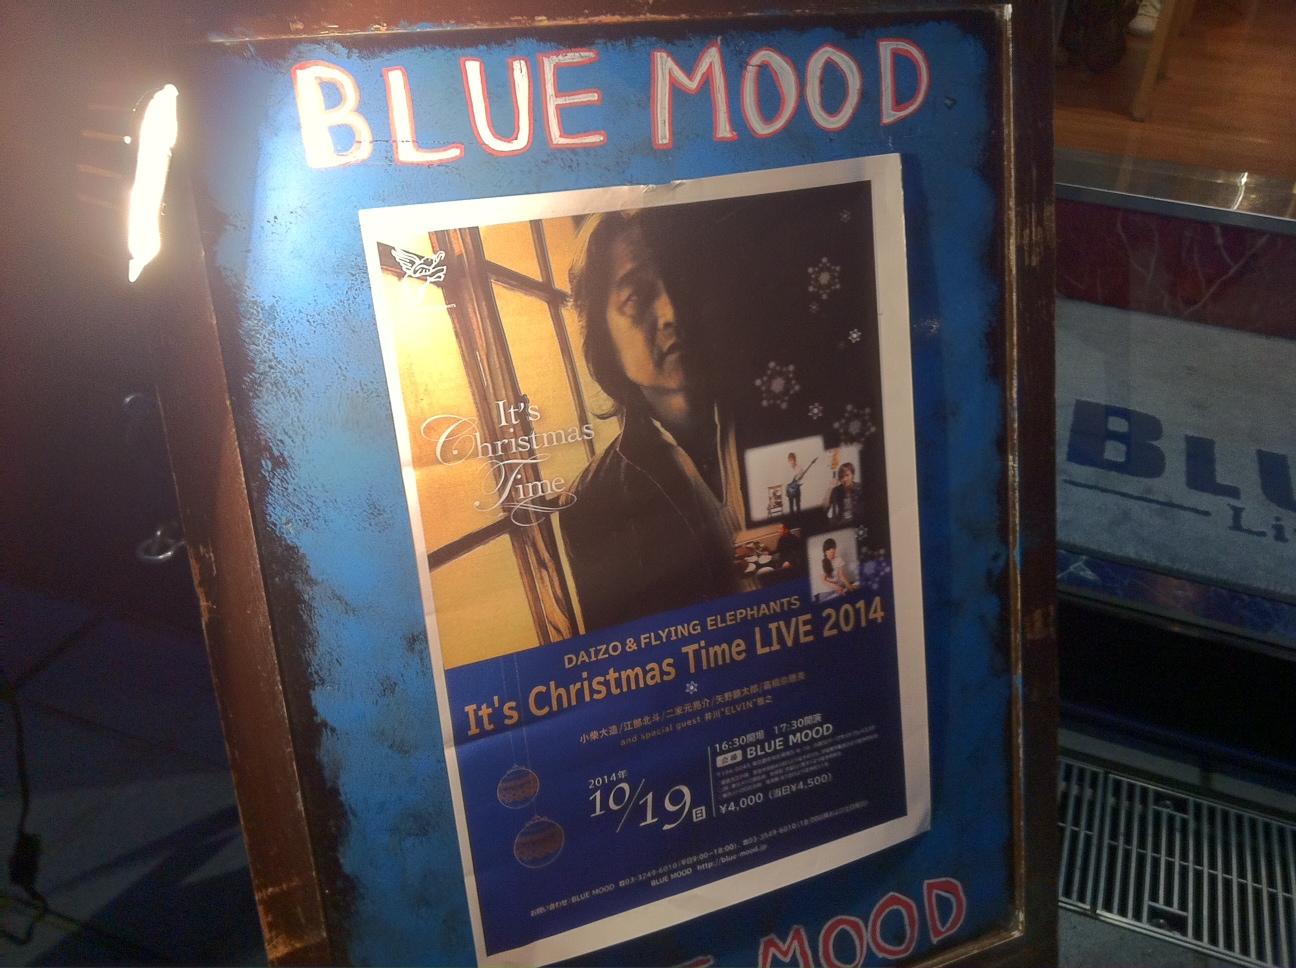 今夜は築地の BLUE MOOD で大好きな大好きな小柴大造さんのライブ。これから後半。_e0094804_18495654.jpg